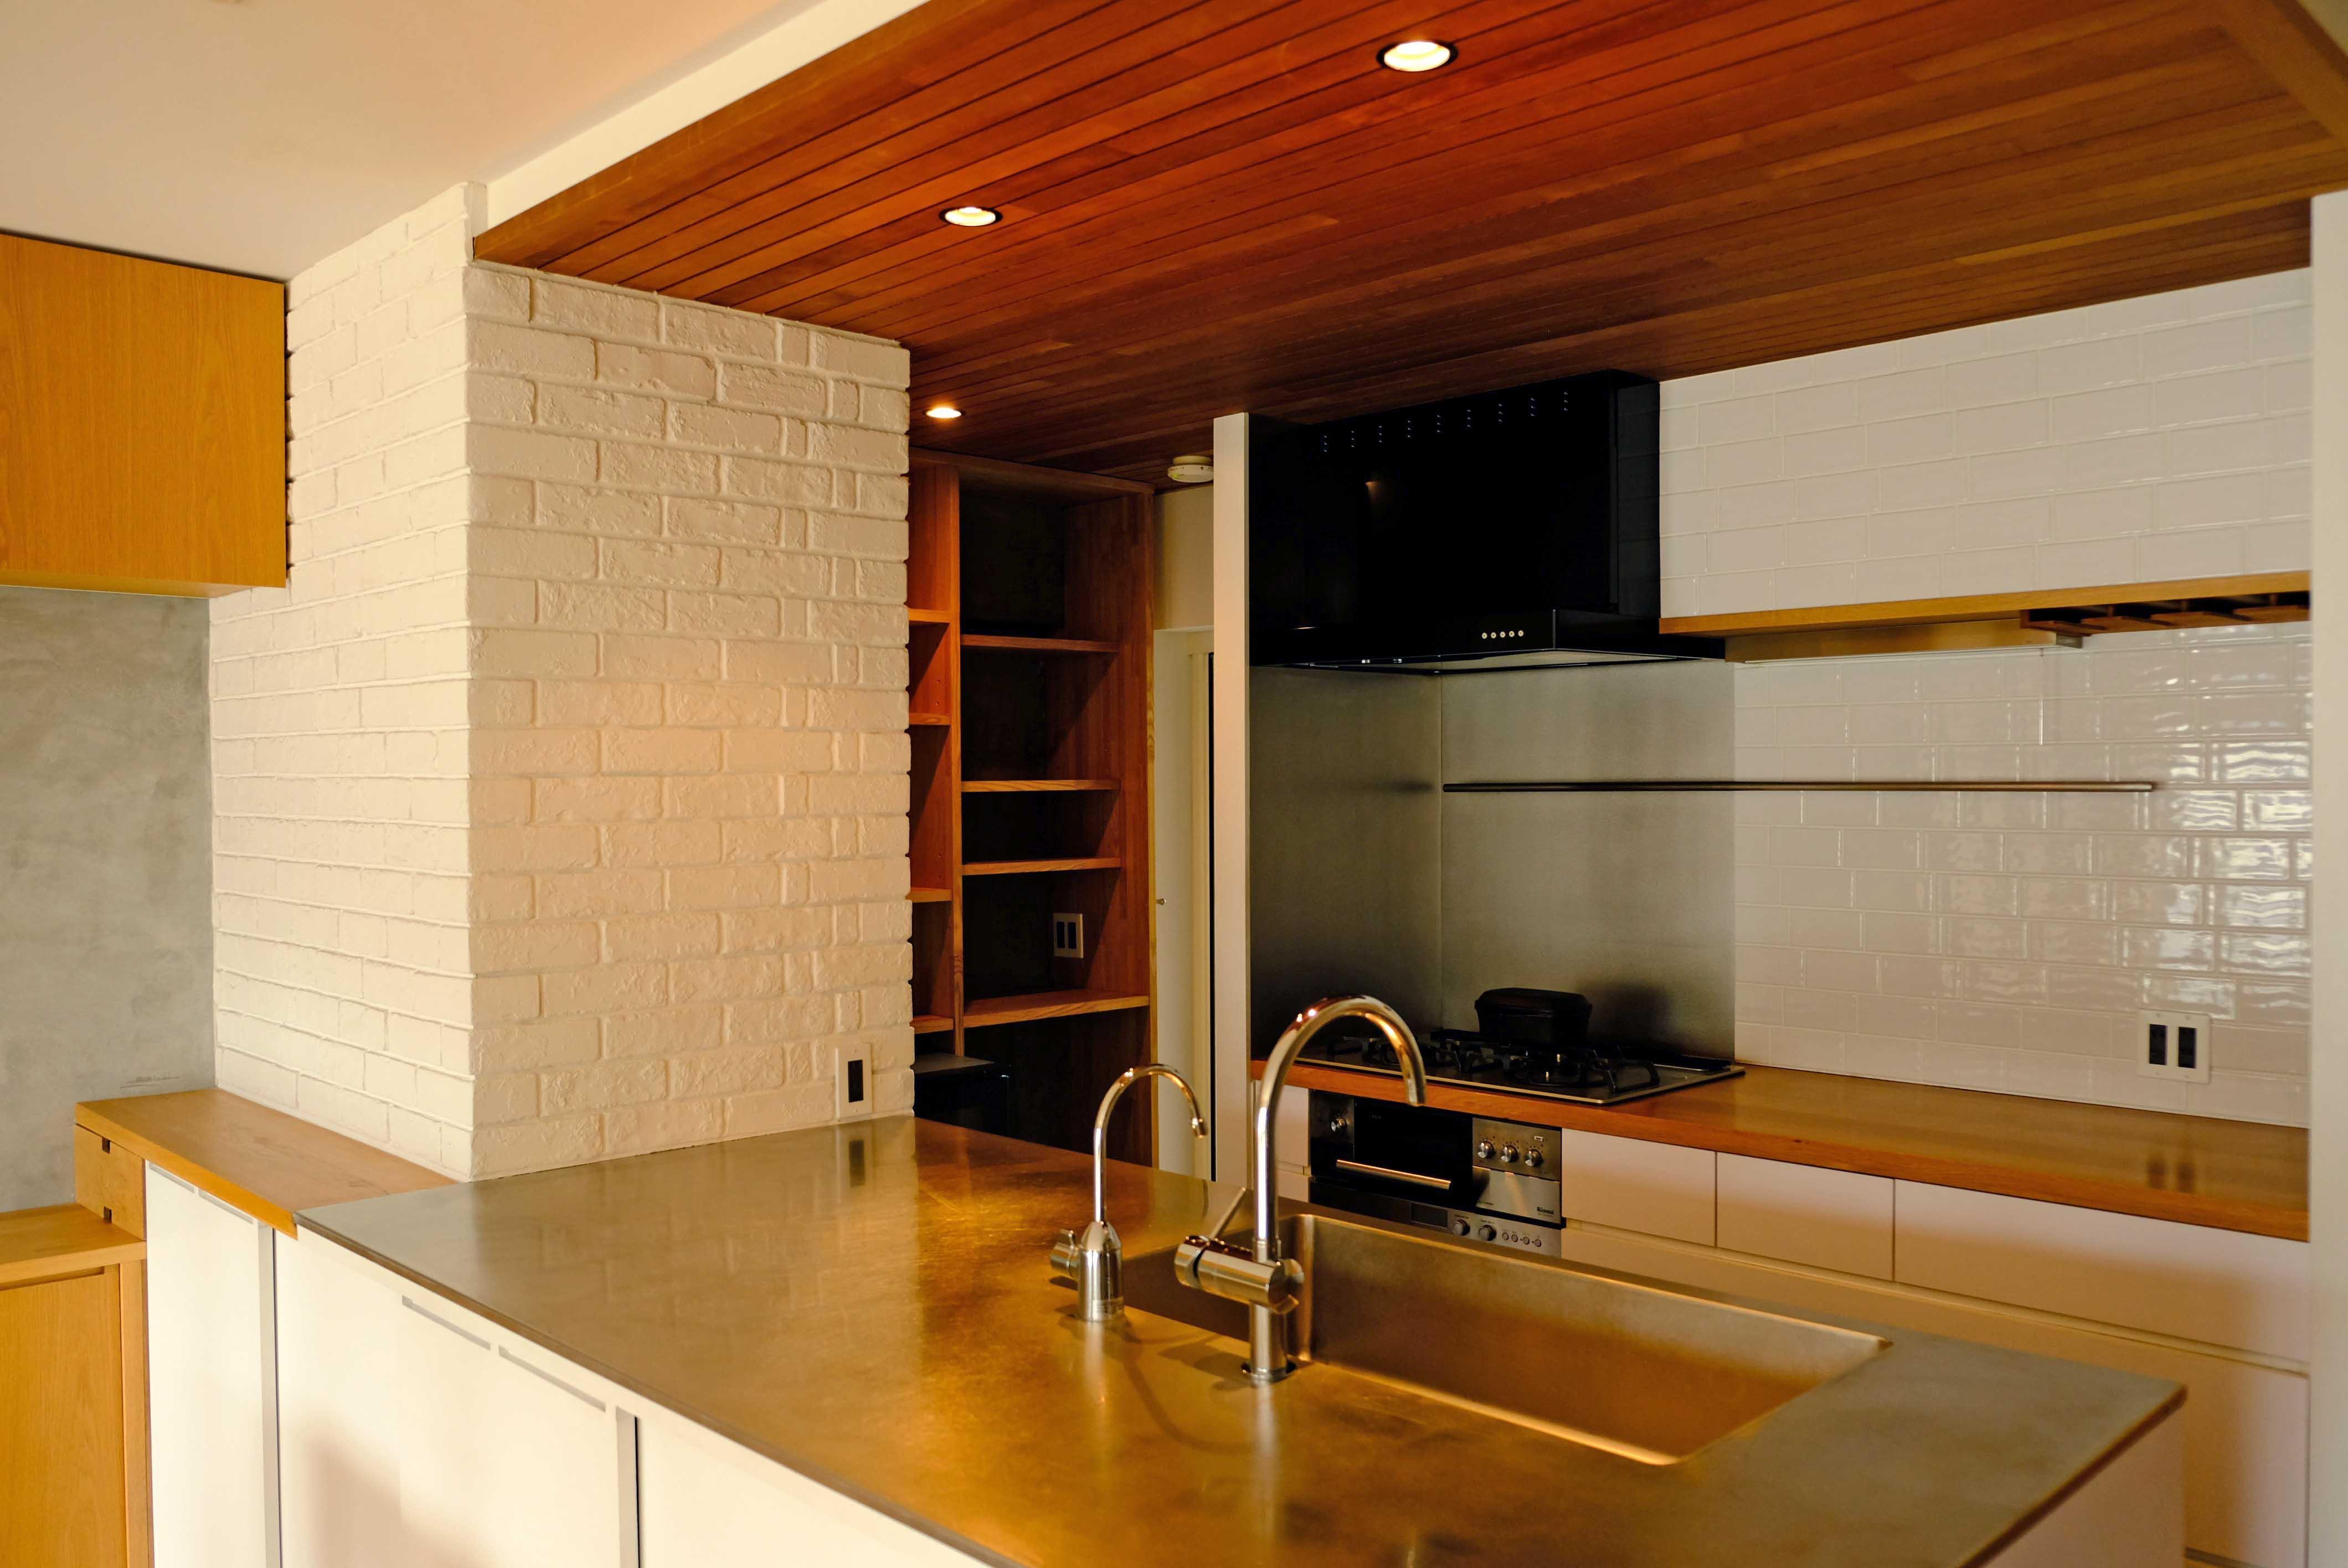 充実のキッチンもこの部屋の顔のひとつ